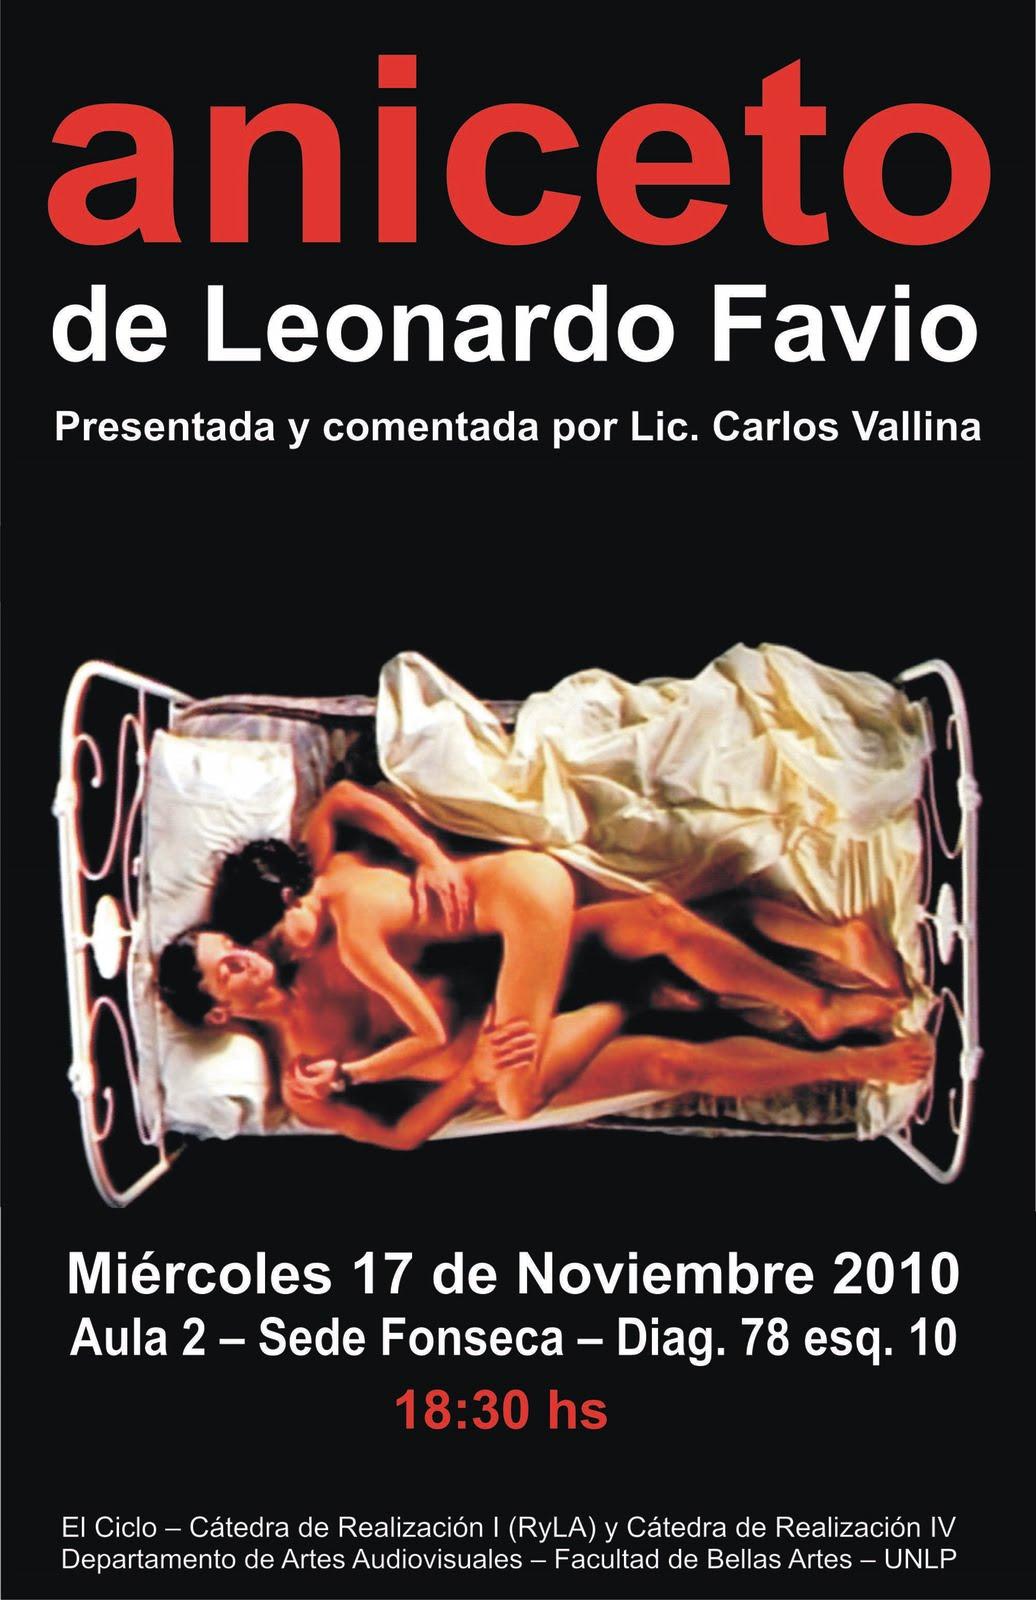 http://2.bp.blogspot.com/_pZu2c-RQX_E/TOLrAdSYFFI/AAAAAAAAABU/xKiLbKyf-rg/s1600/Aniceto-RyLA-FBA-Nov2010.jpg